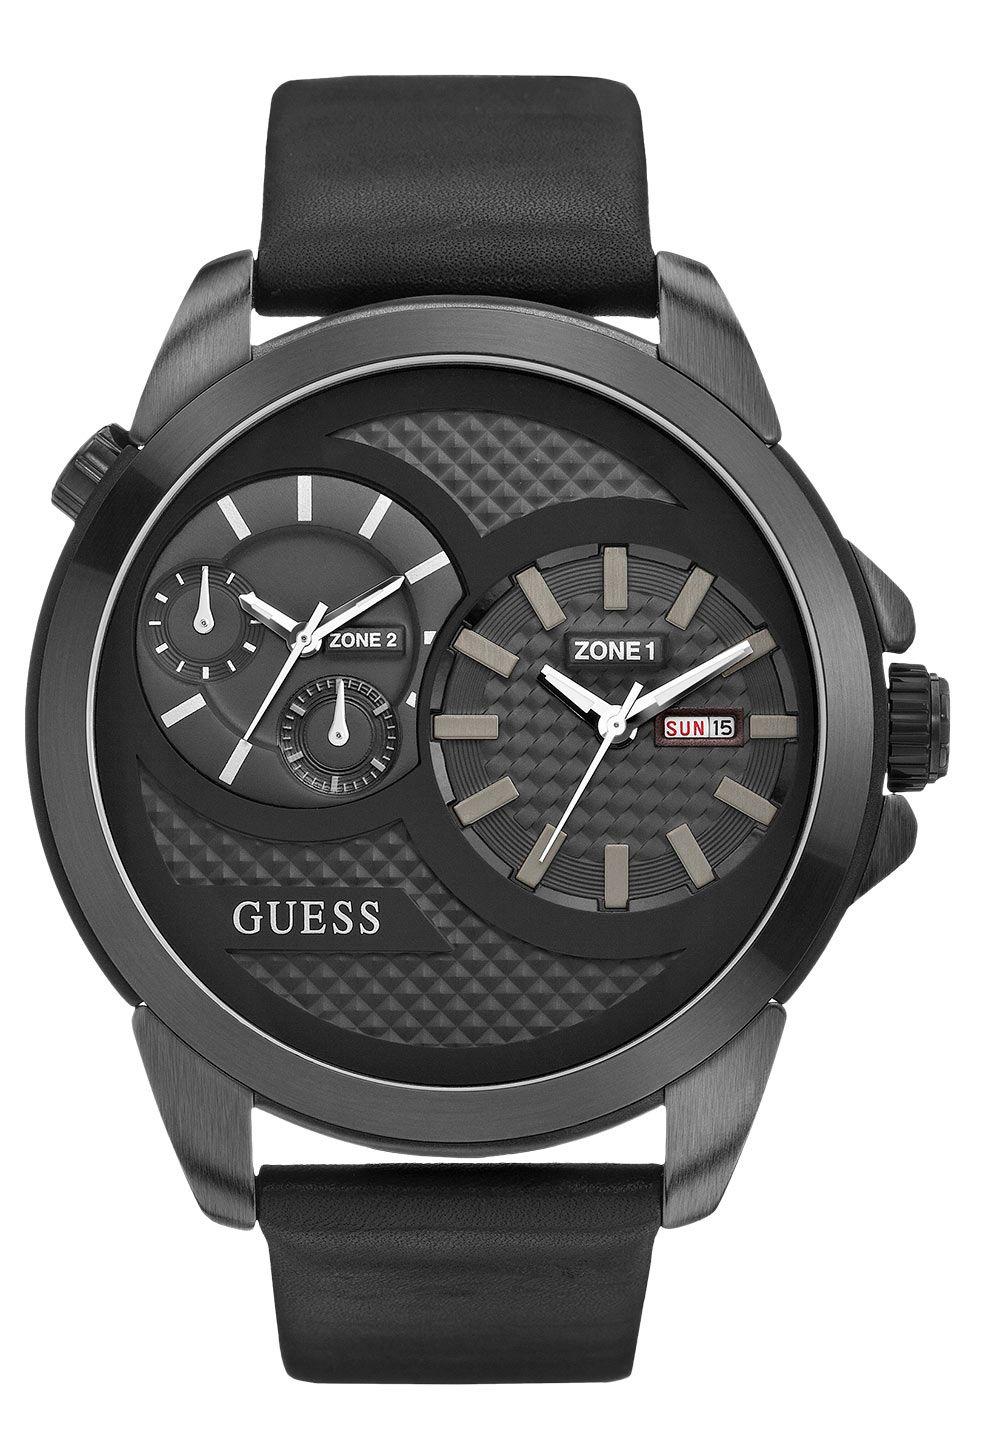 Ανδρικό ρολόι GUESS W0184G1 διαμέτρου 54mm 1926feb0739